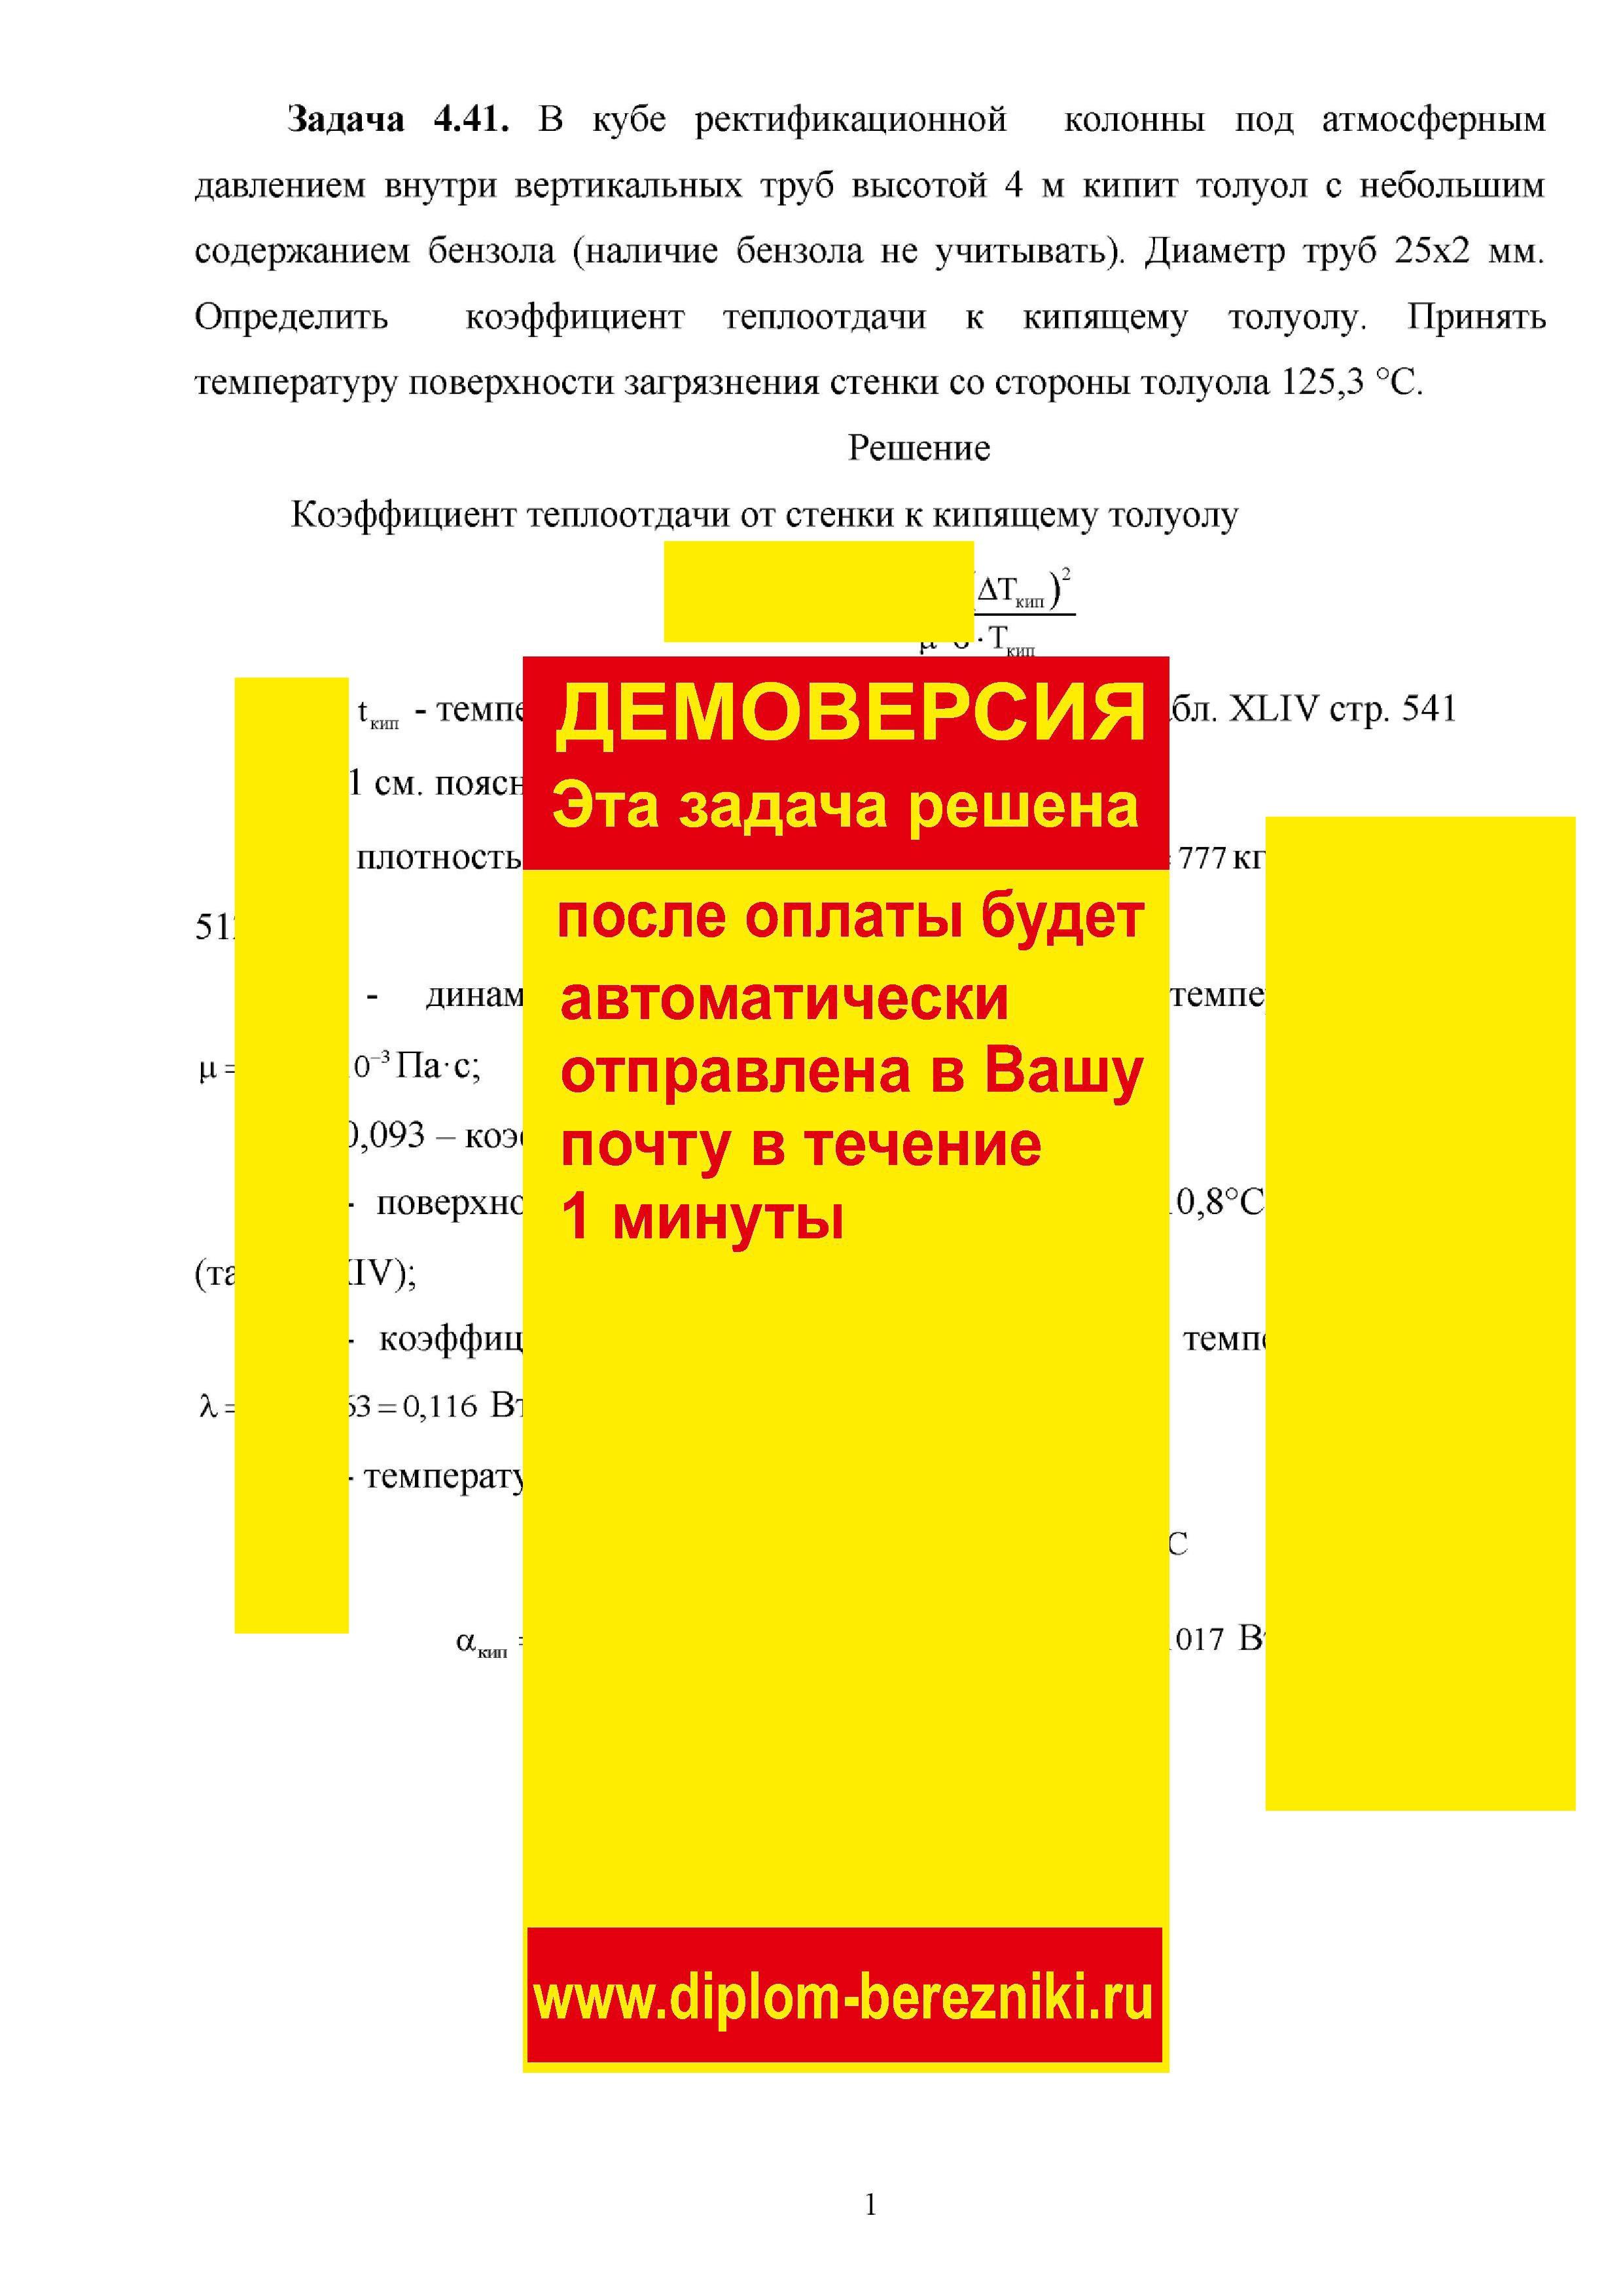 Решение задачи 4.41 по ПАХТ из задачника Павлова Романкова Носкова